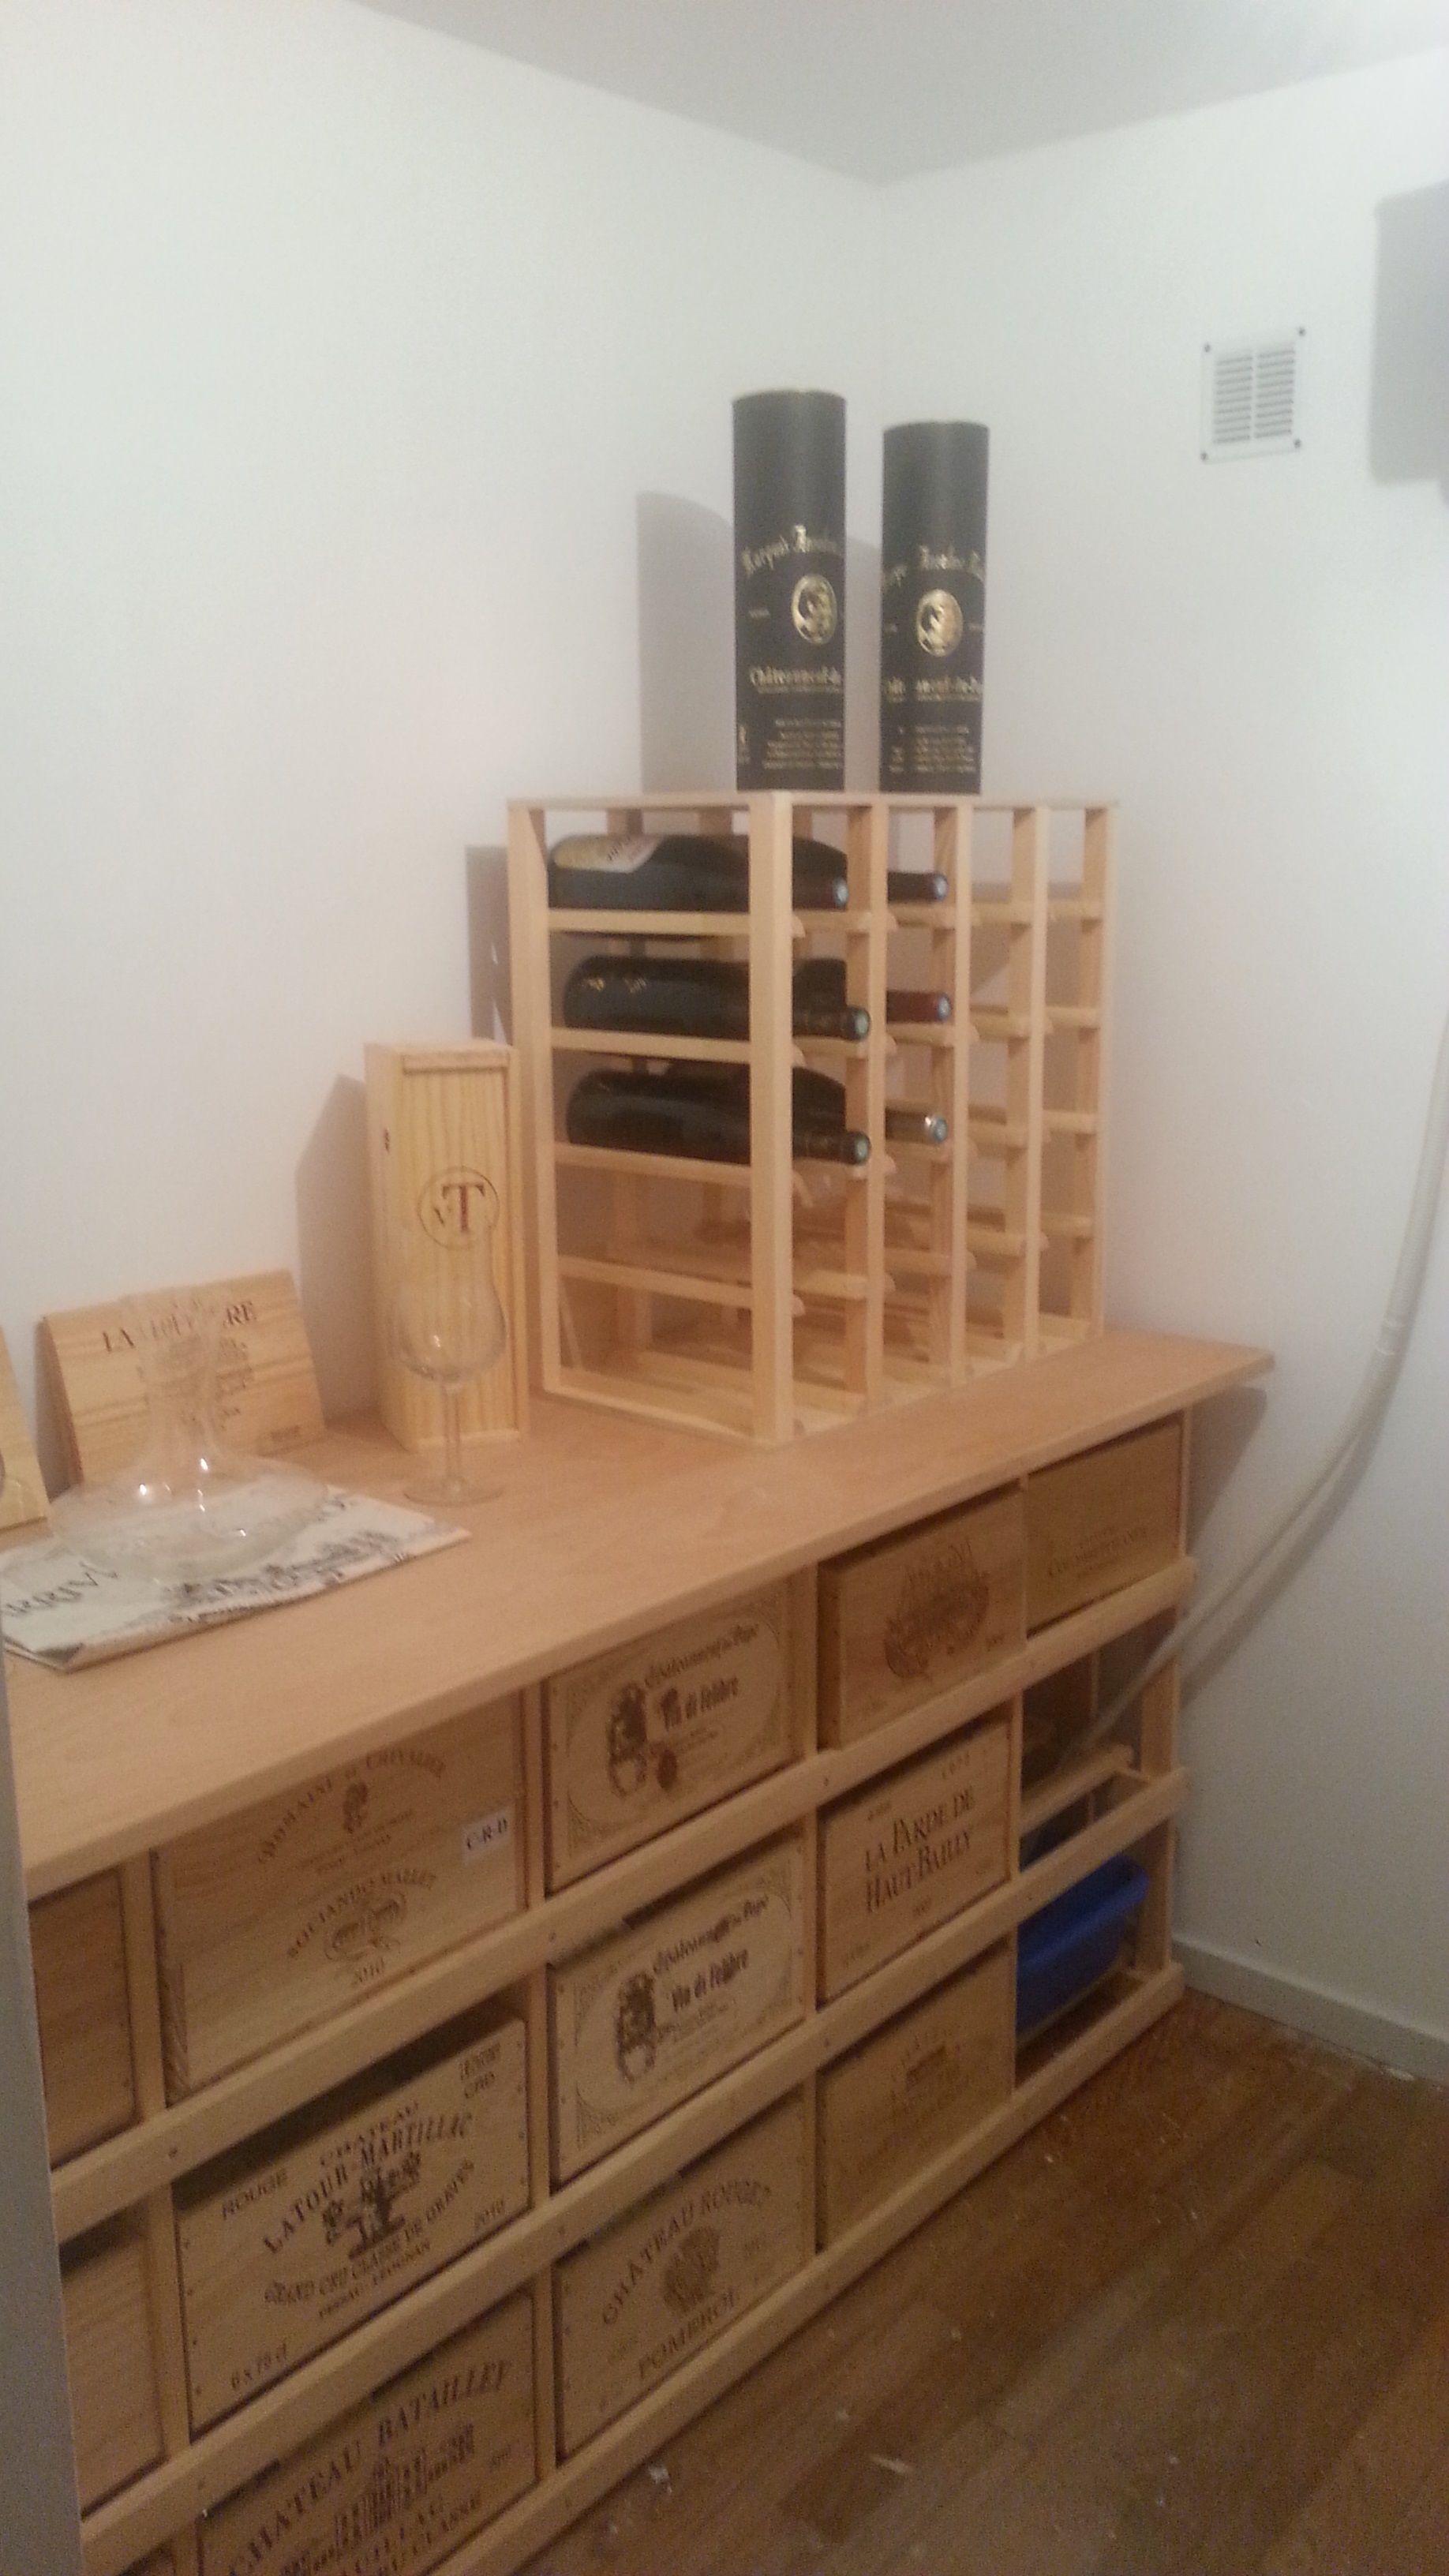 les casiers du manoir casier à bouteilles casiers à vin